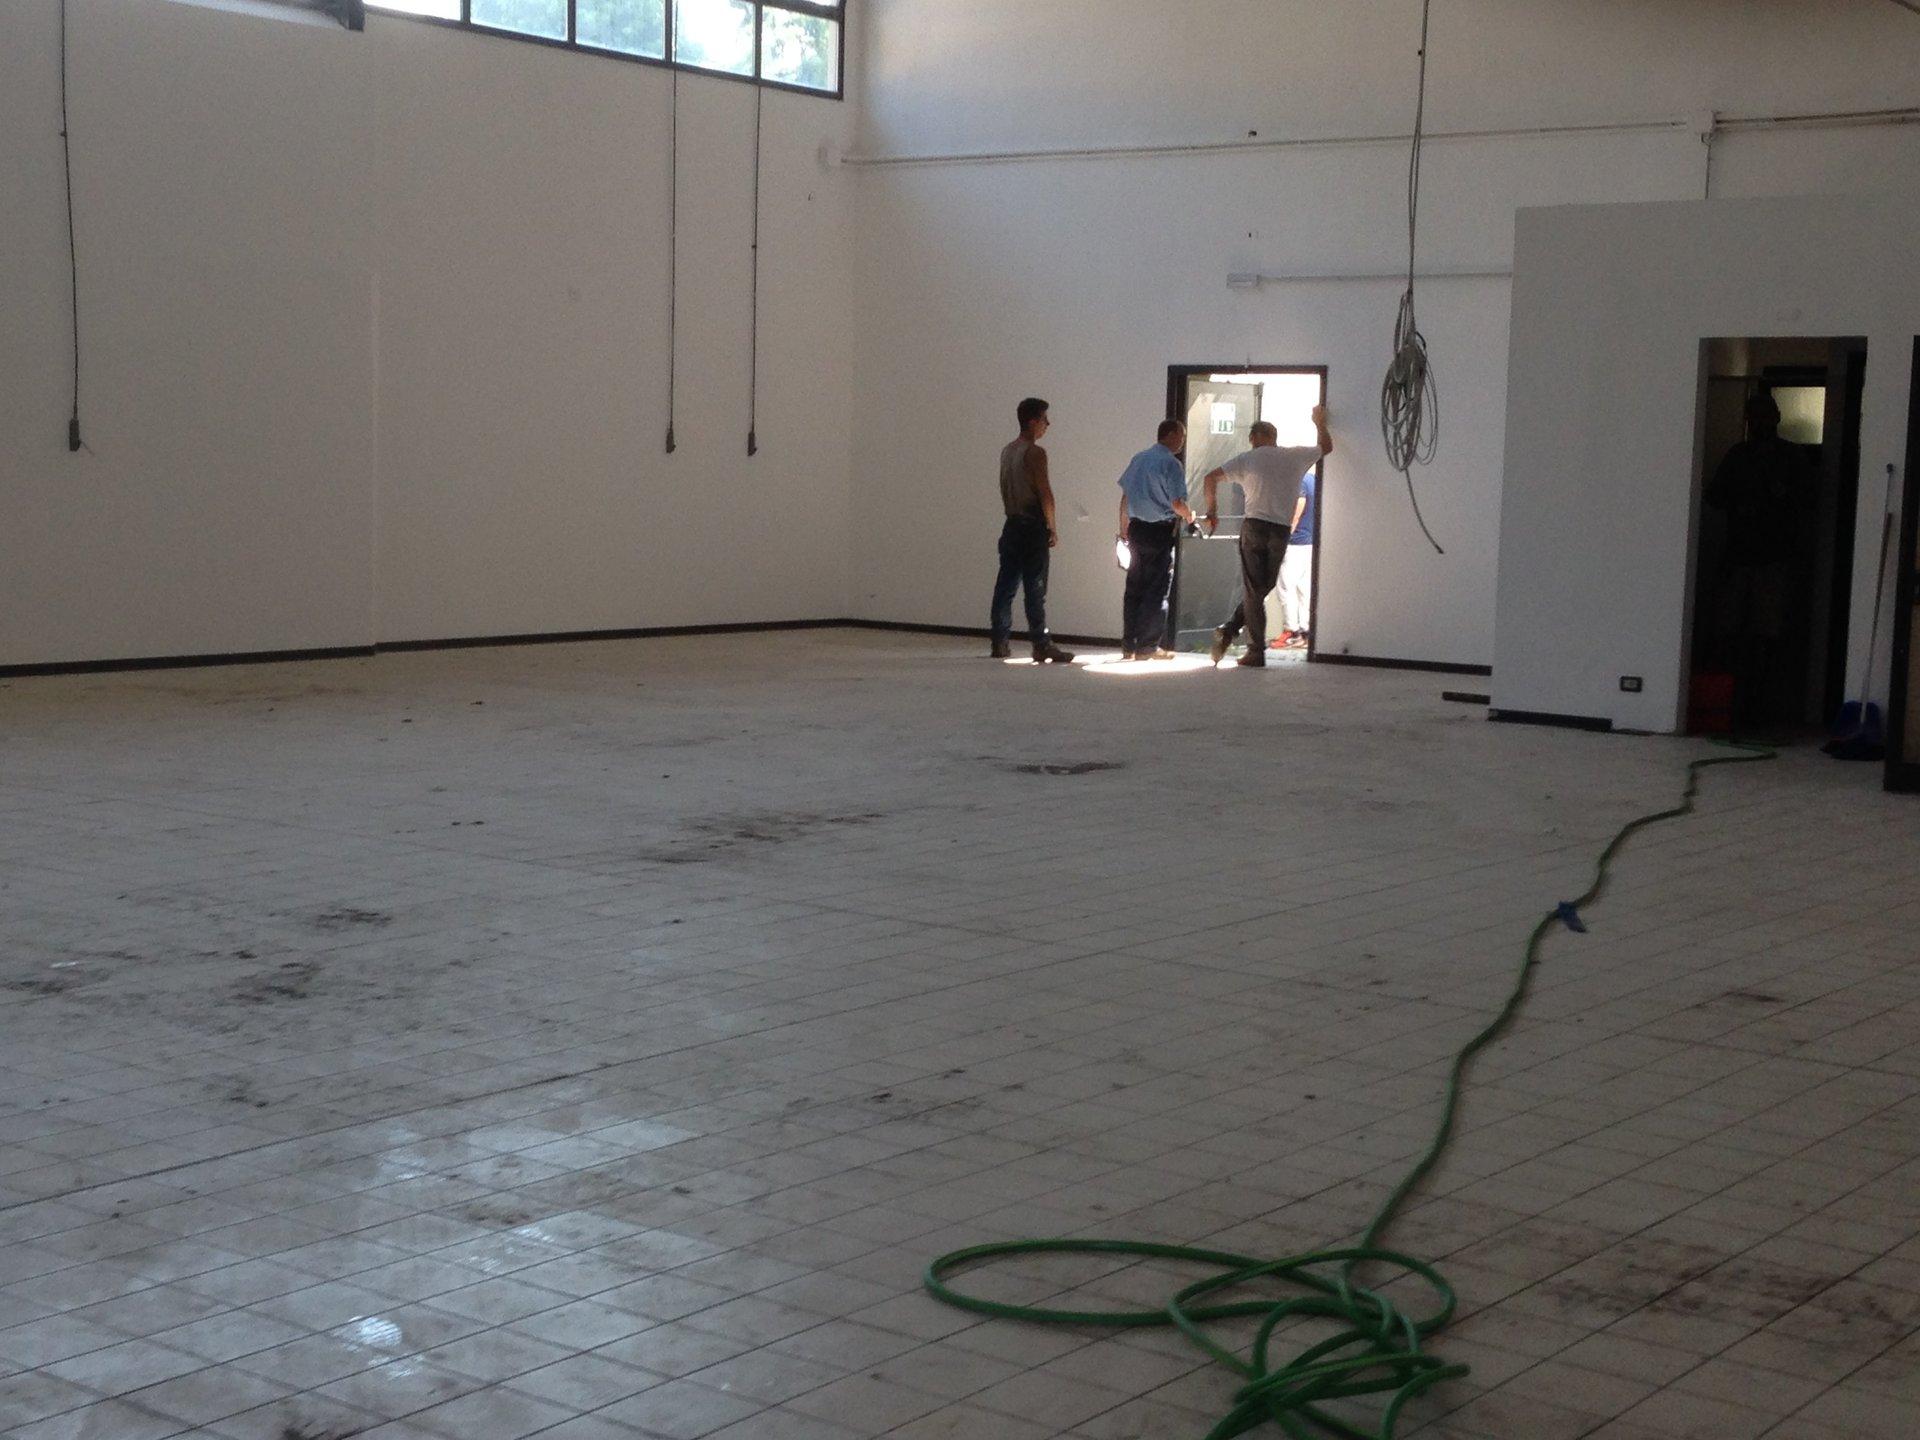 Un uomo mentre utilizza una monospazzola per i pavimenti